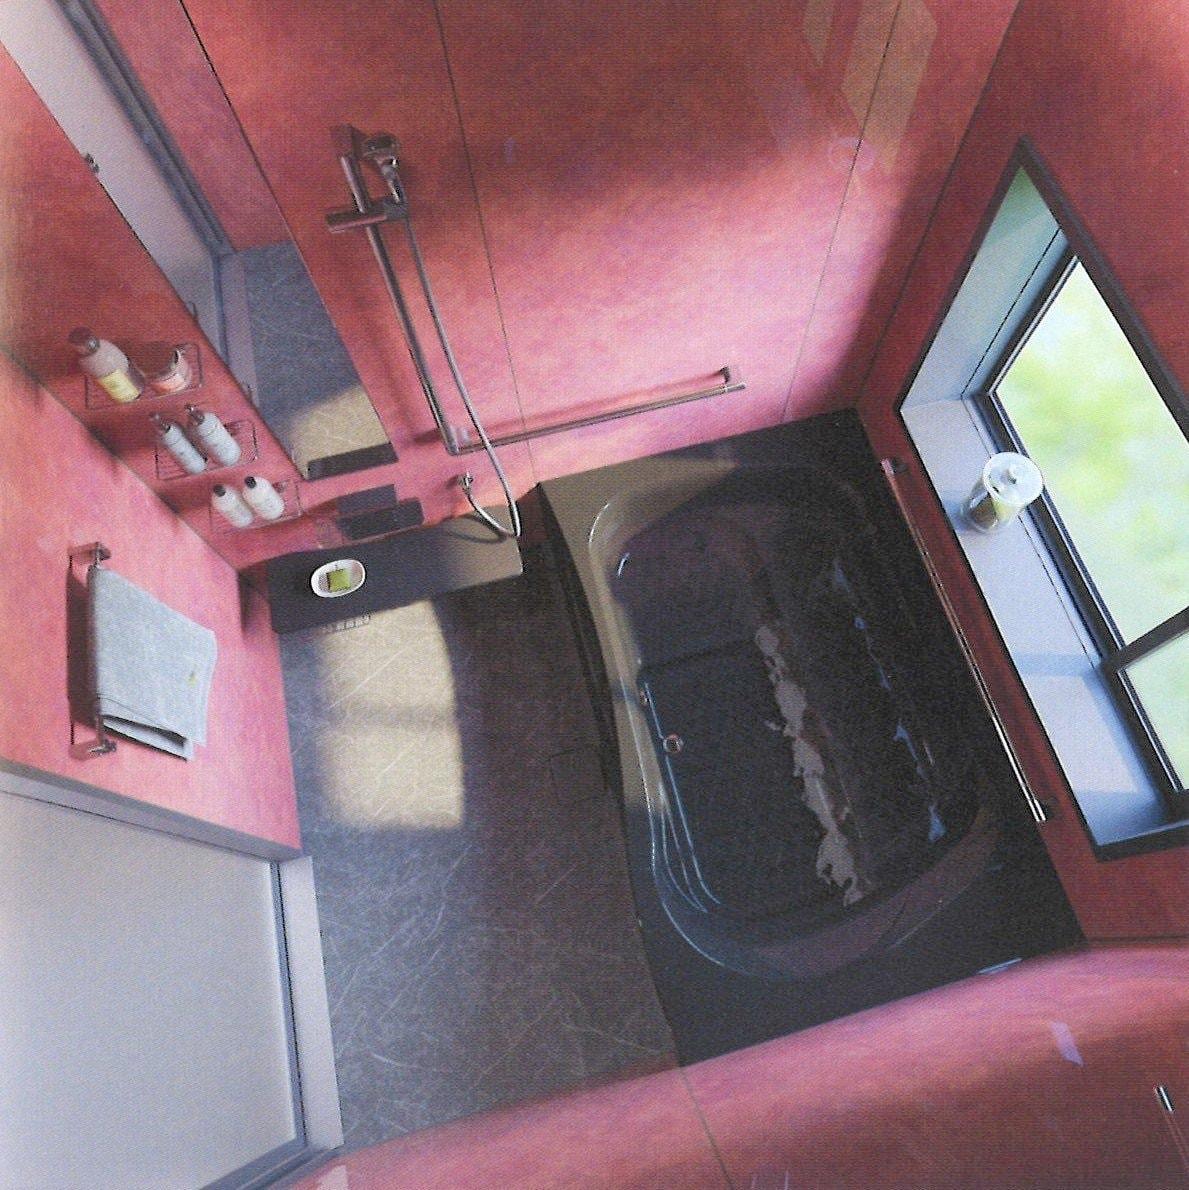 Housetec フェリテプラス システムバス 鮫島工業施工 1.25坪施工費込み リフォーム商品プランのイメージその2